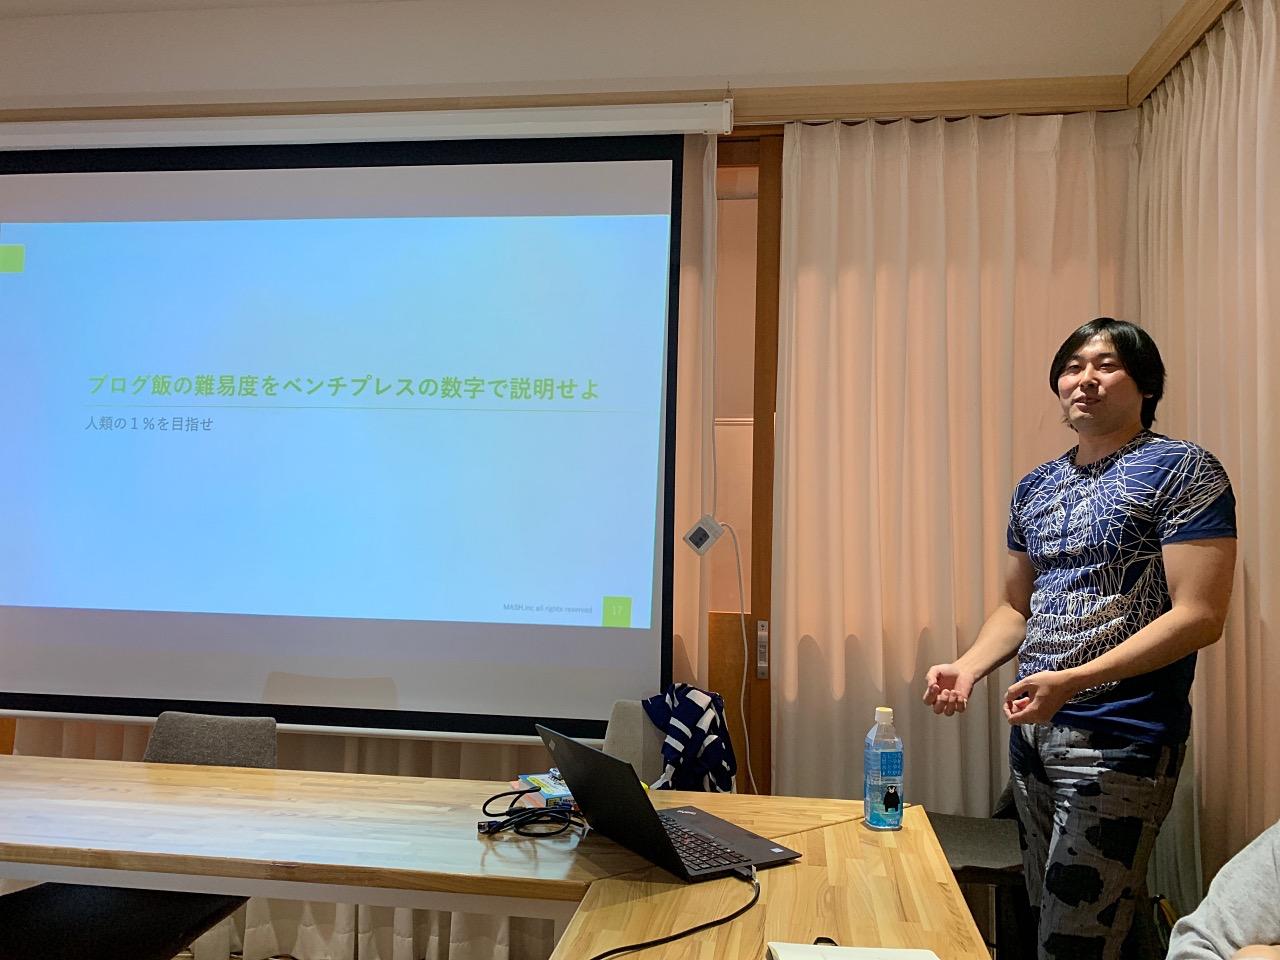 第10回熊本ブロガー会コラボイベント